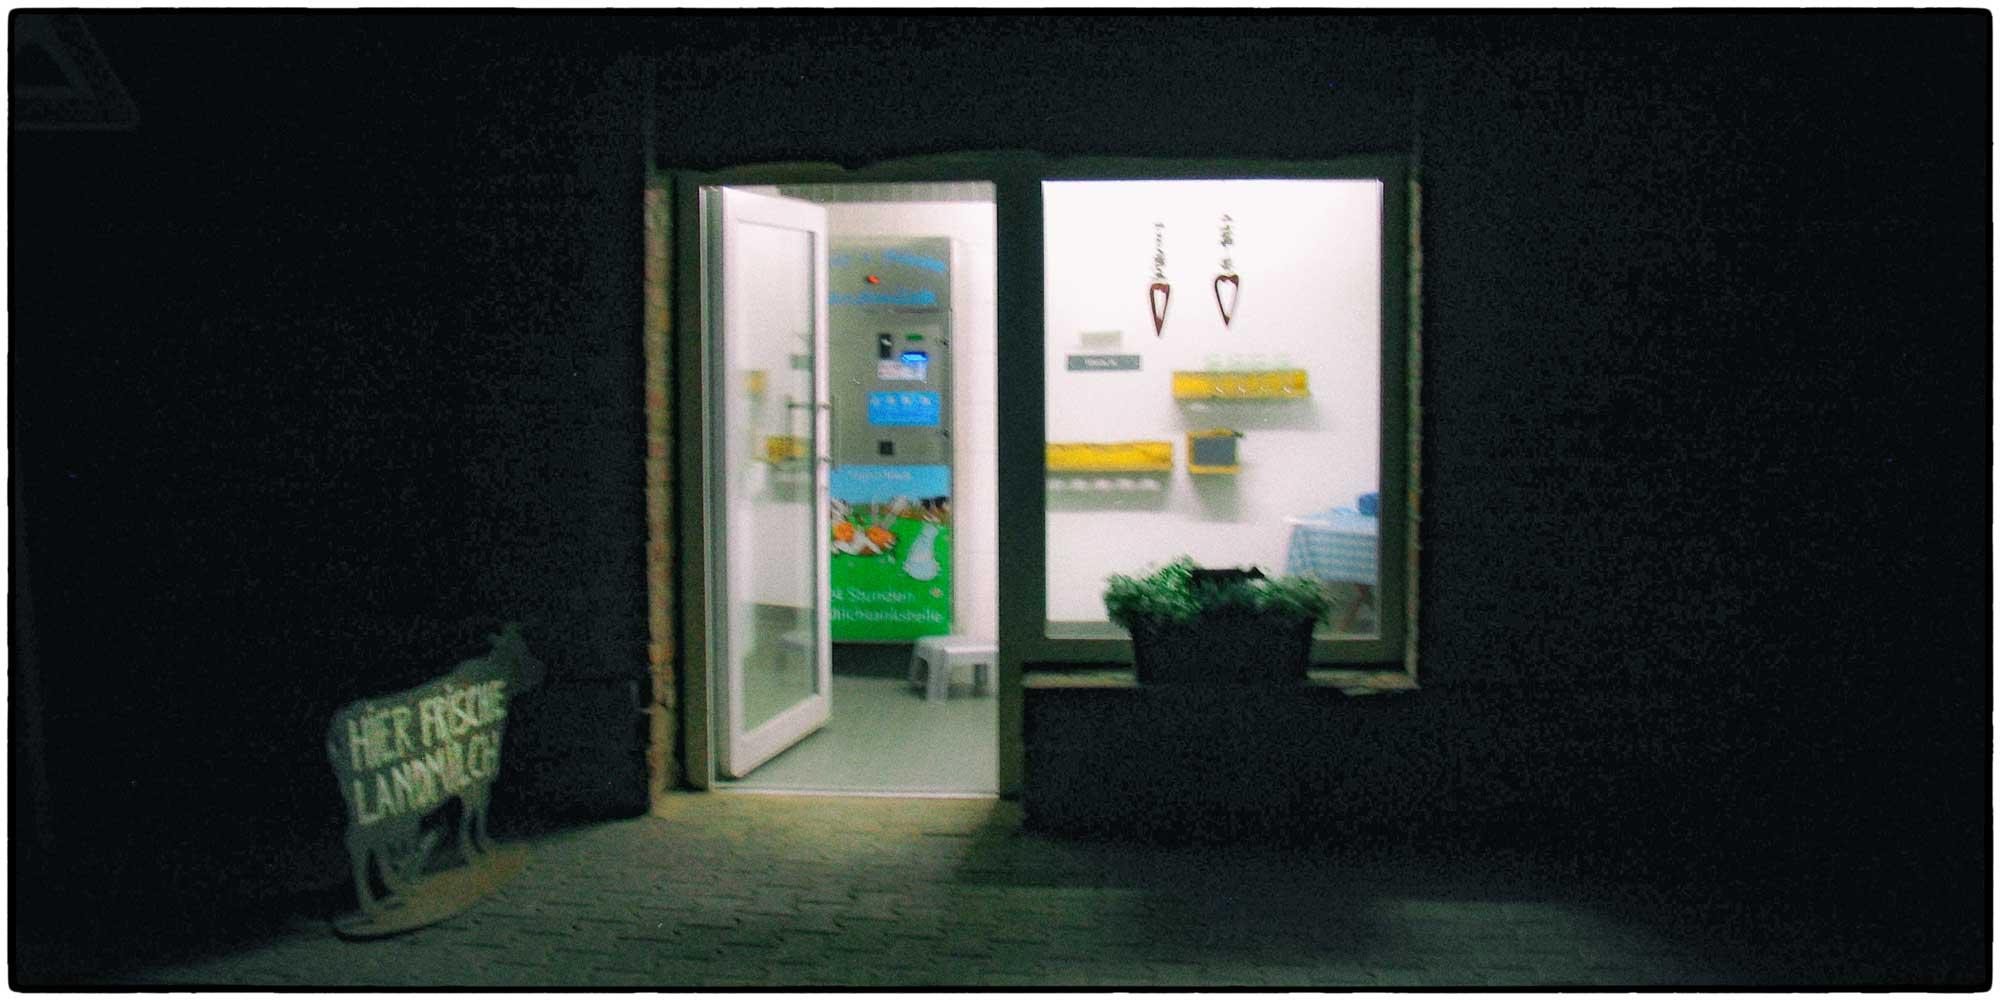 Automaten für regionale Lebensmittel im Odenwald und an der Bergstraße